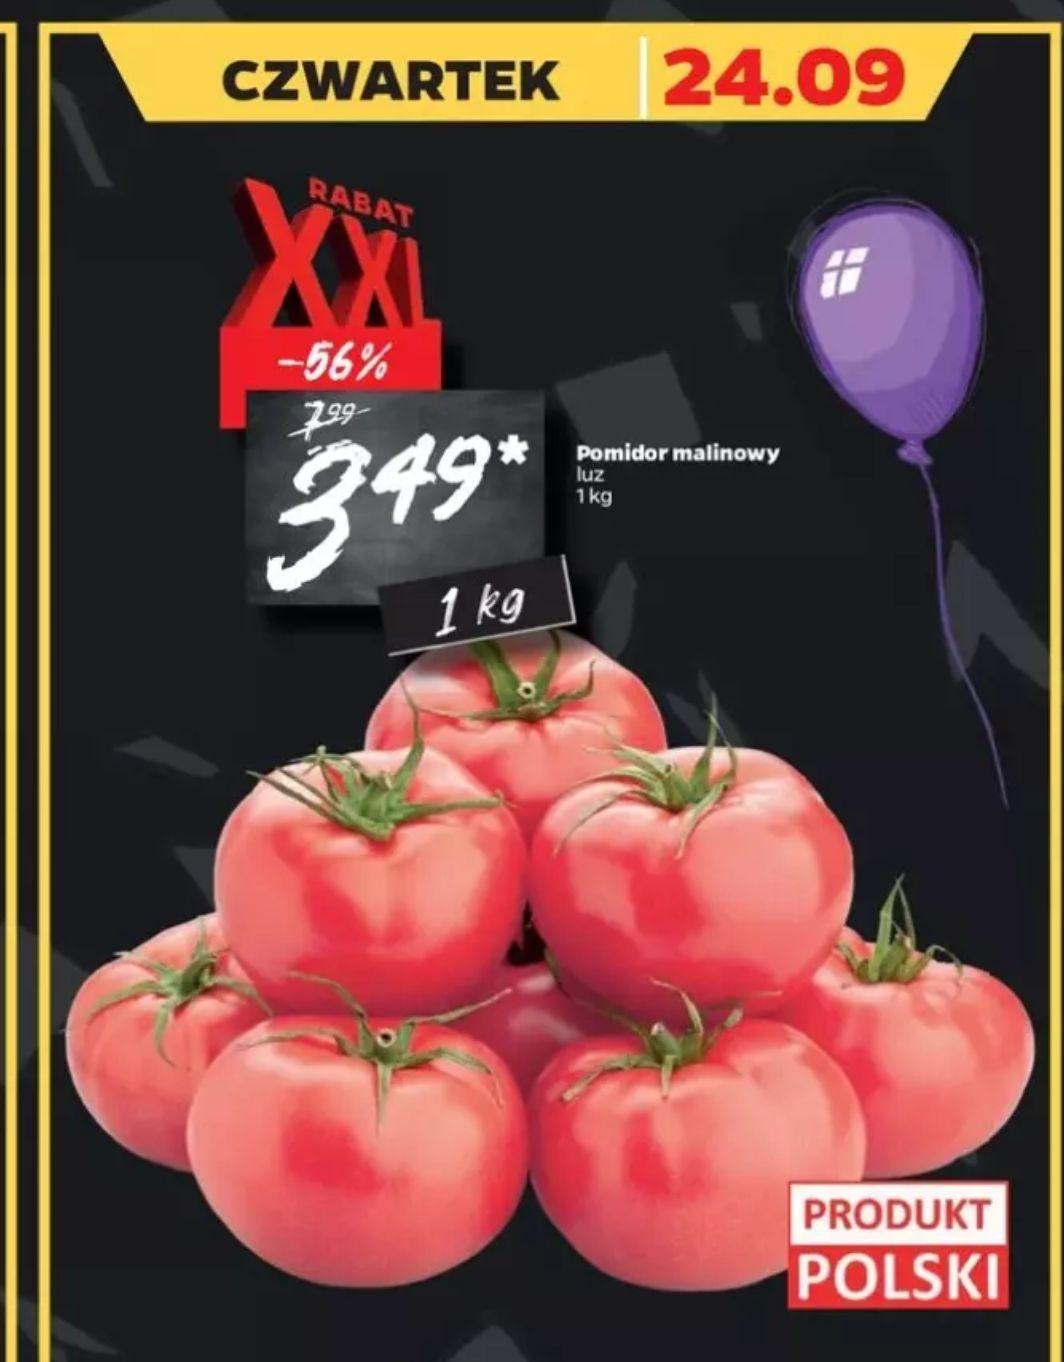 Pomidor malinowy w Netto